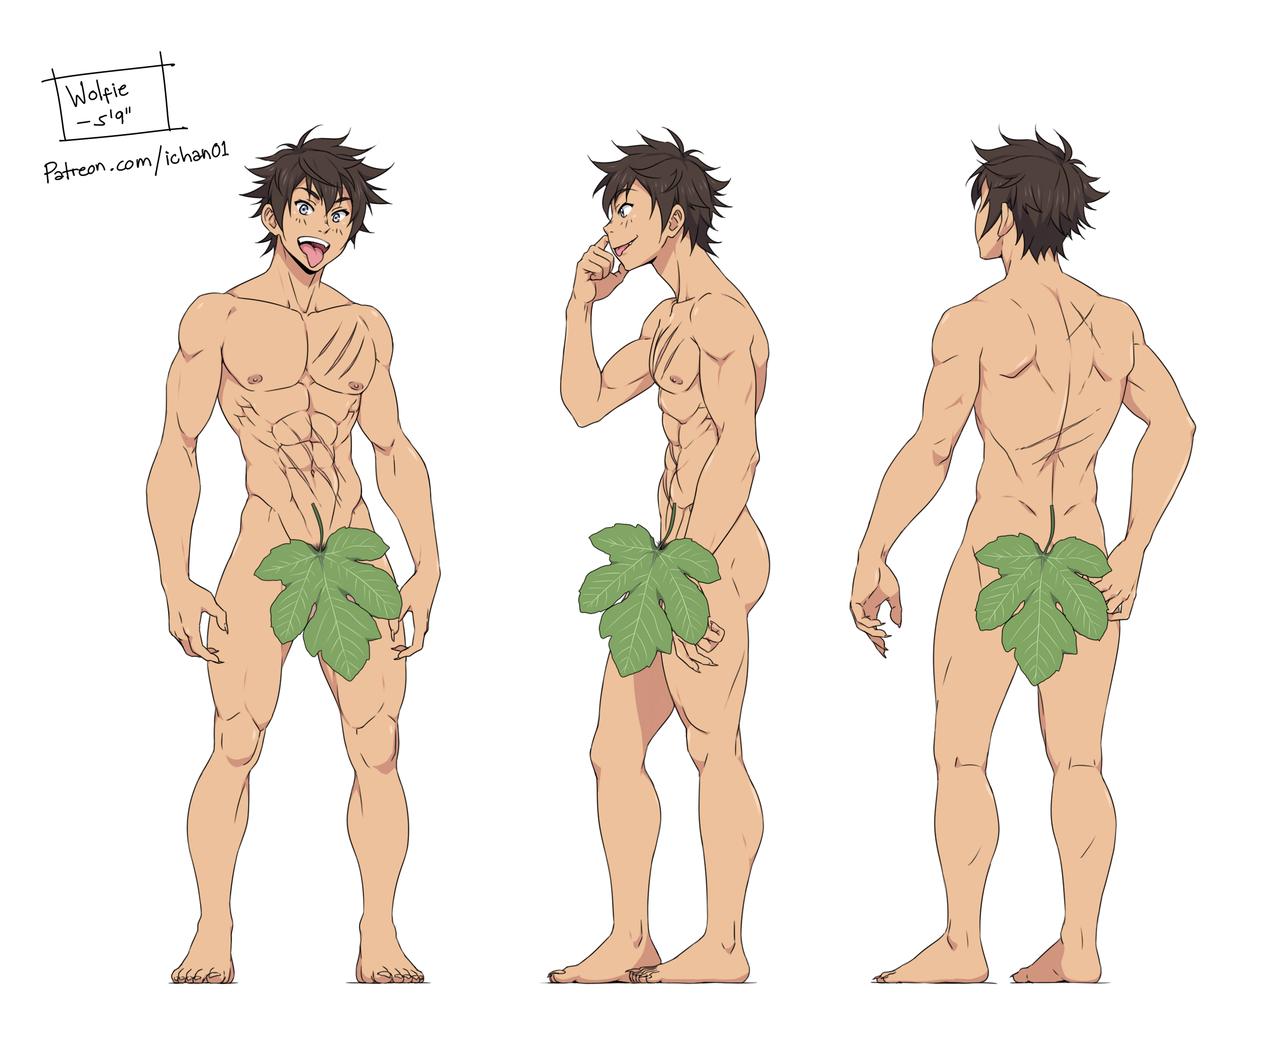 Drawn wolfman buff body Manga png (1280×1043) d939yzt Manga